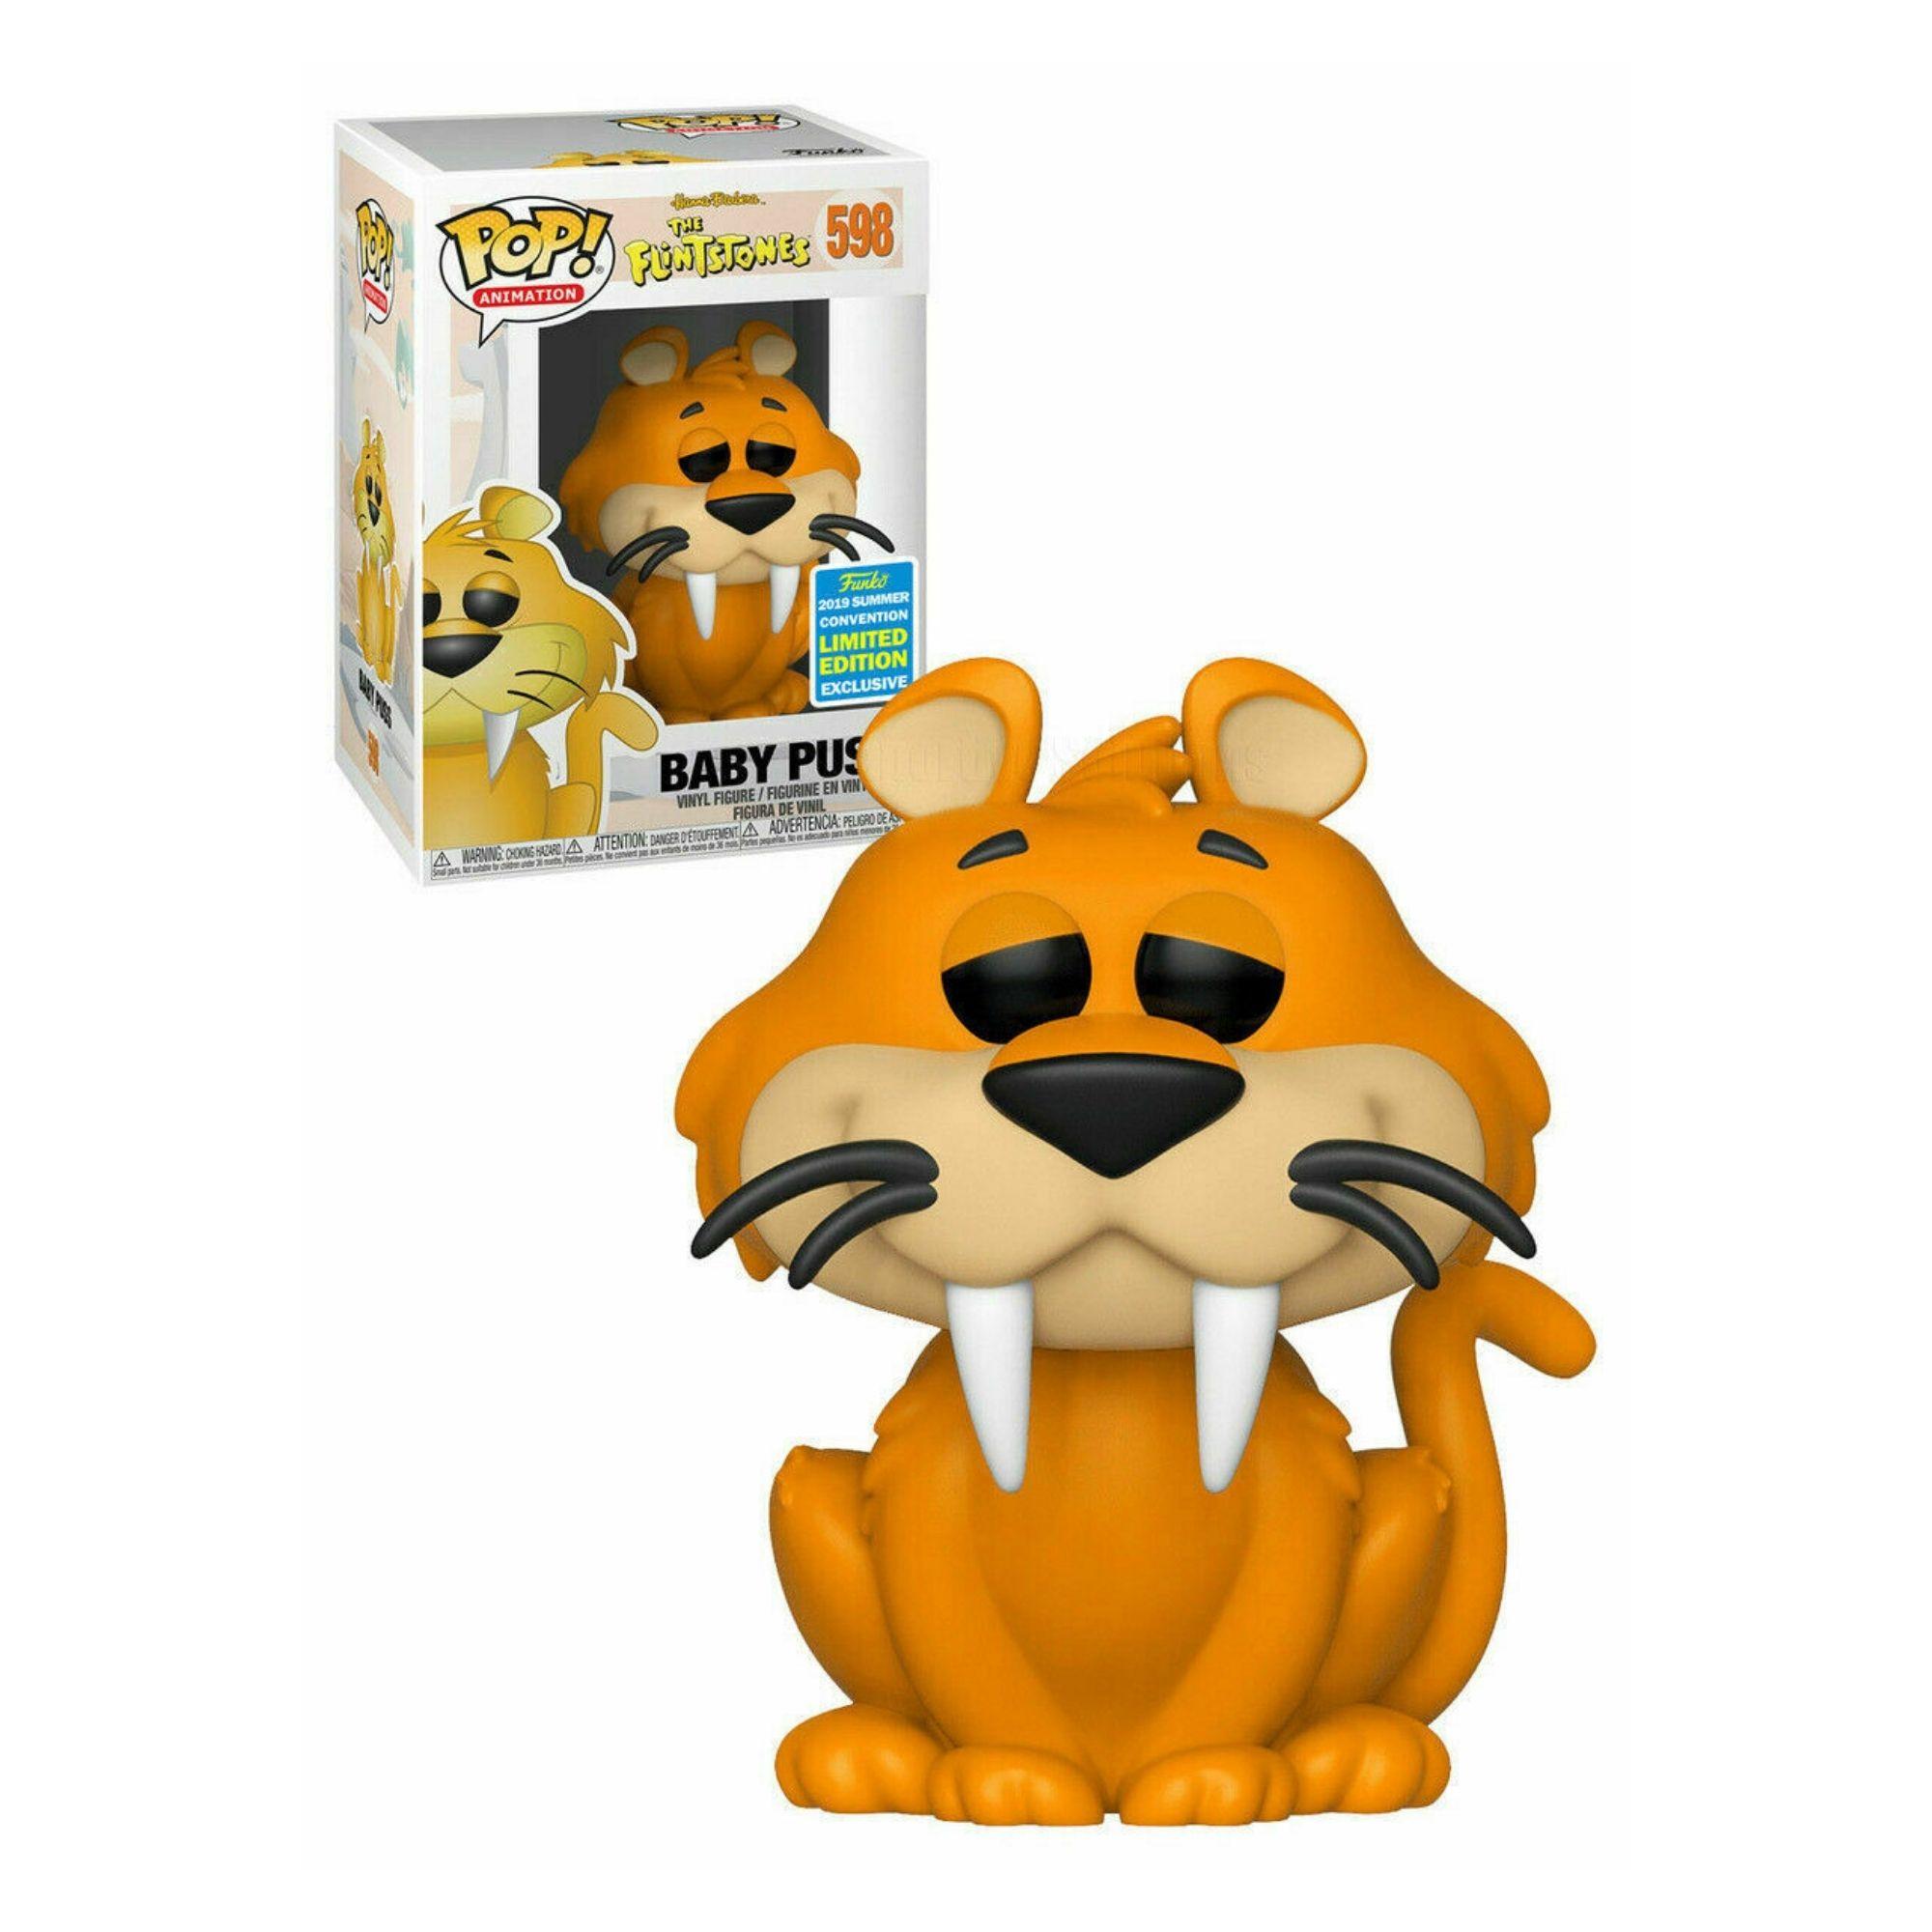 Boneco Funko Pop Flintstones Baby Puss   - Game Land Brinquedos